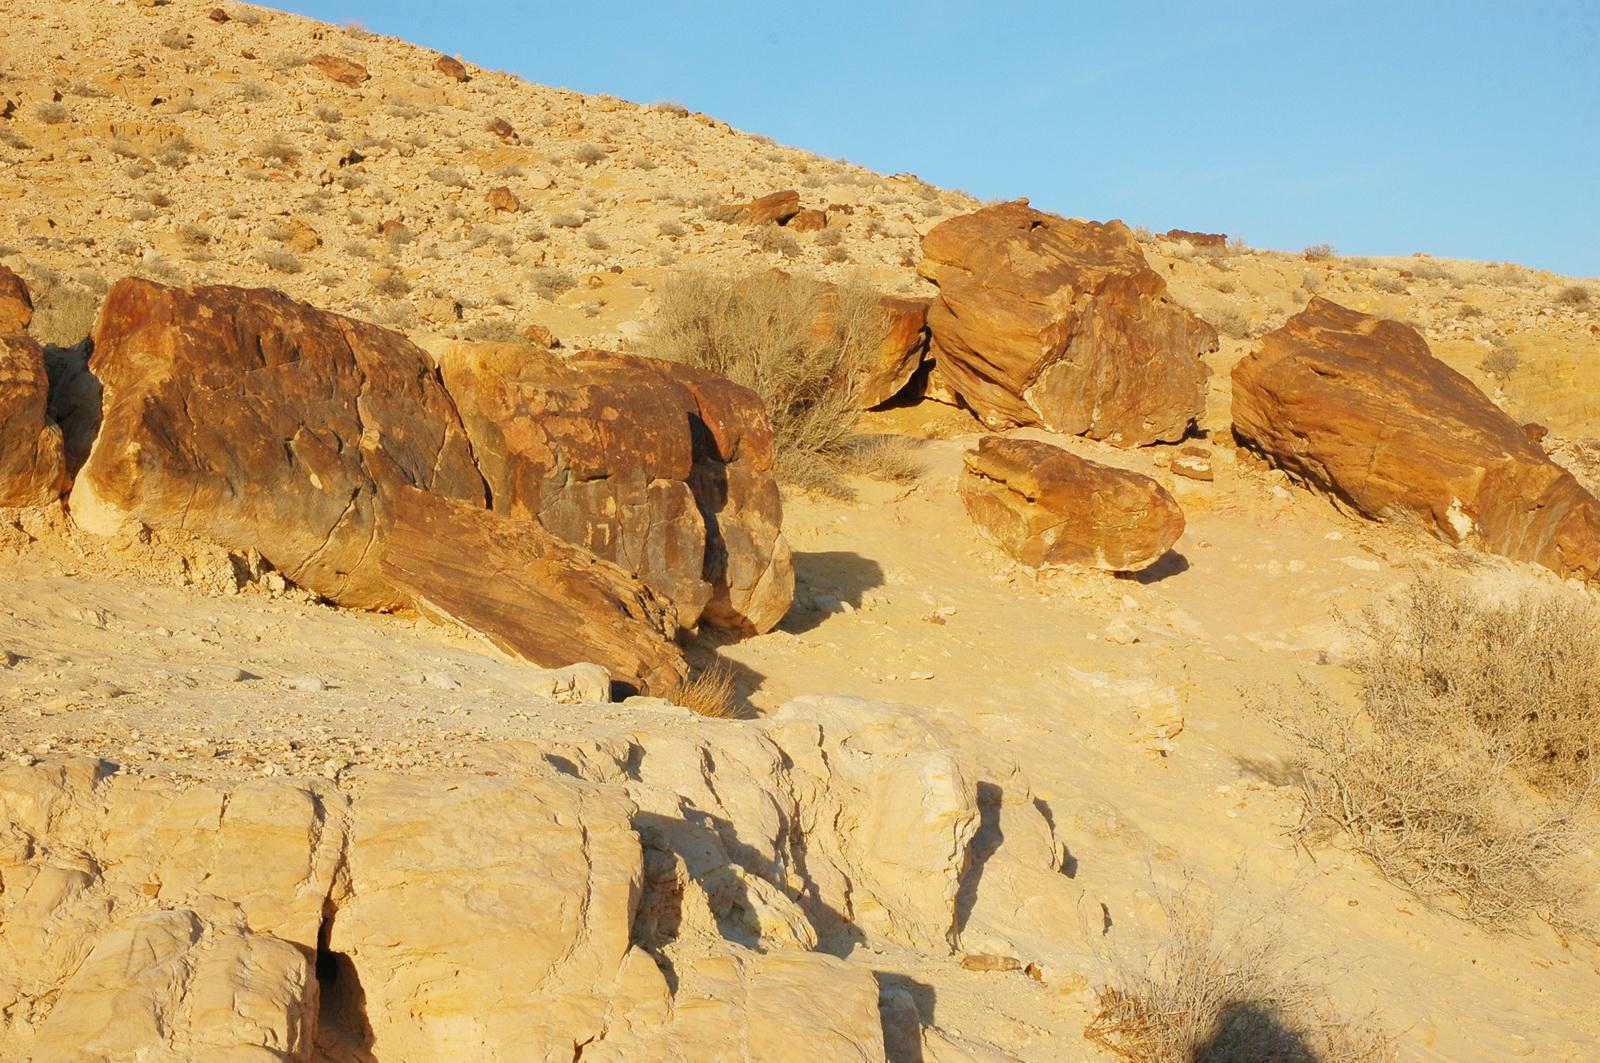 המכתש הגדול - גזעי עצים מאובנים